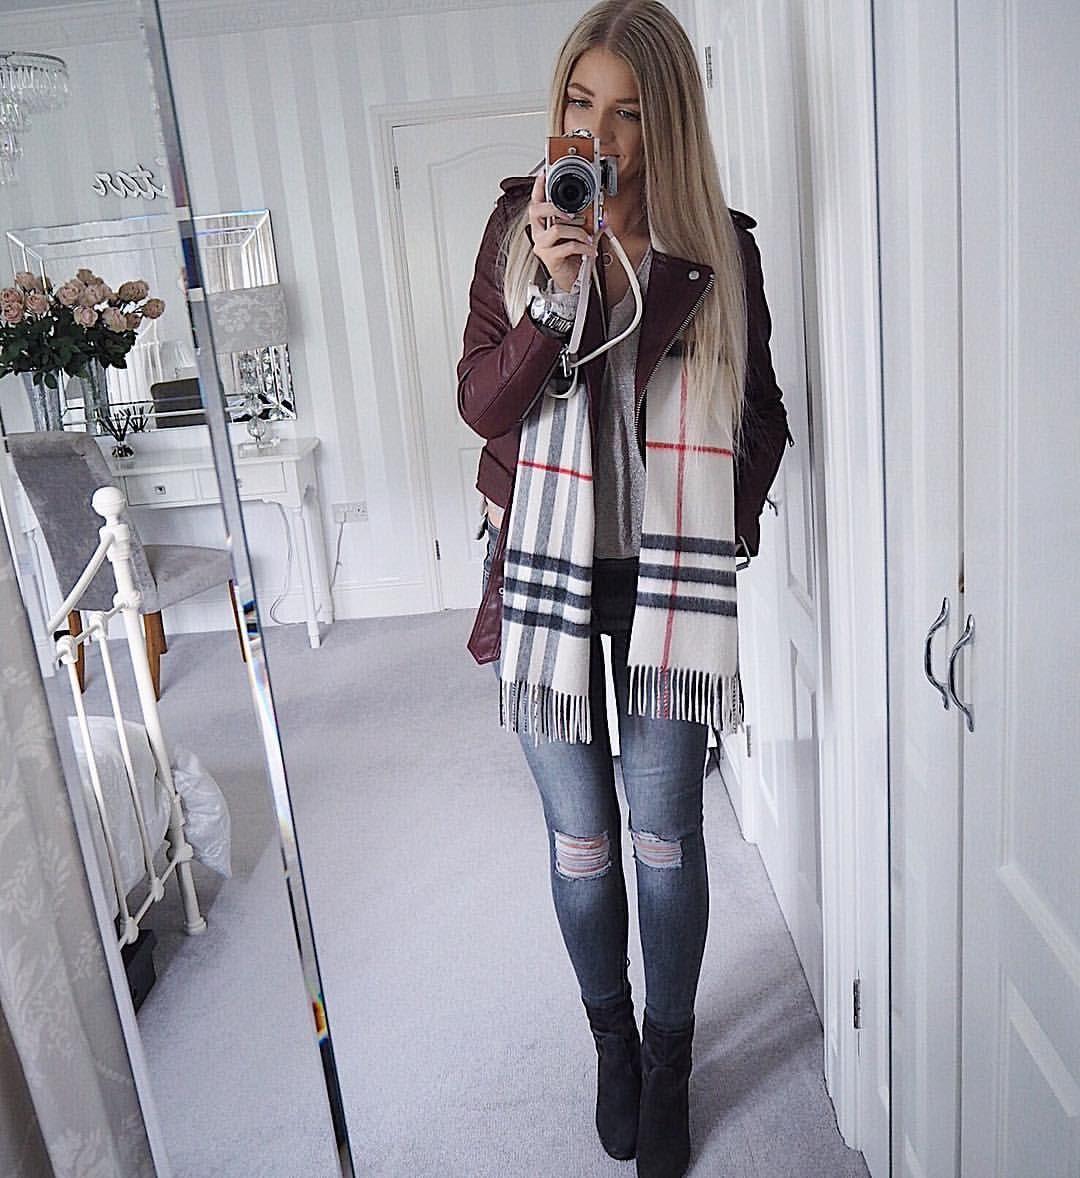 2e417bf93 Instagram @emilyjanehardy Burberry scarf, women's fashion, mango jeans,  grey denim, dune